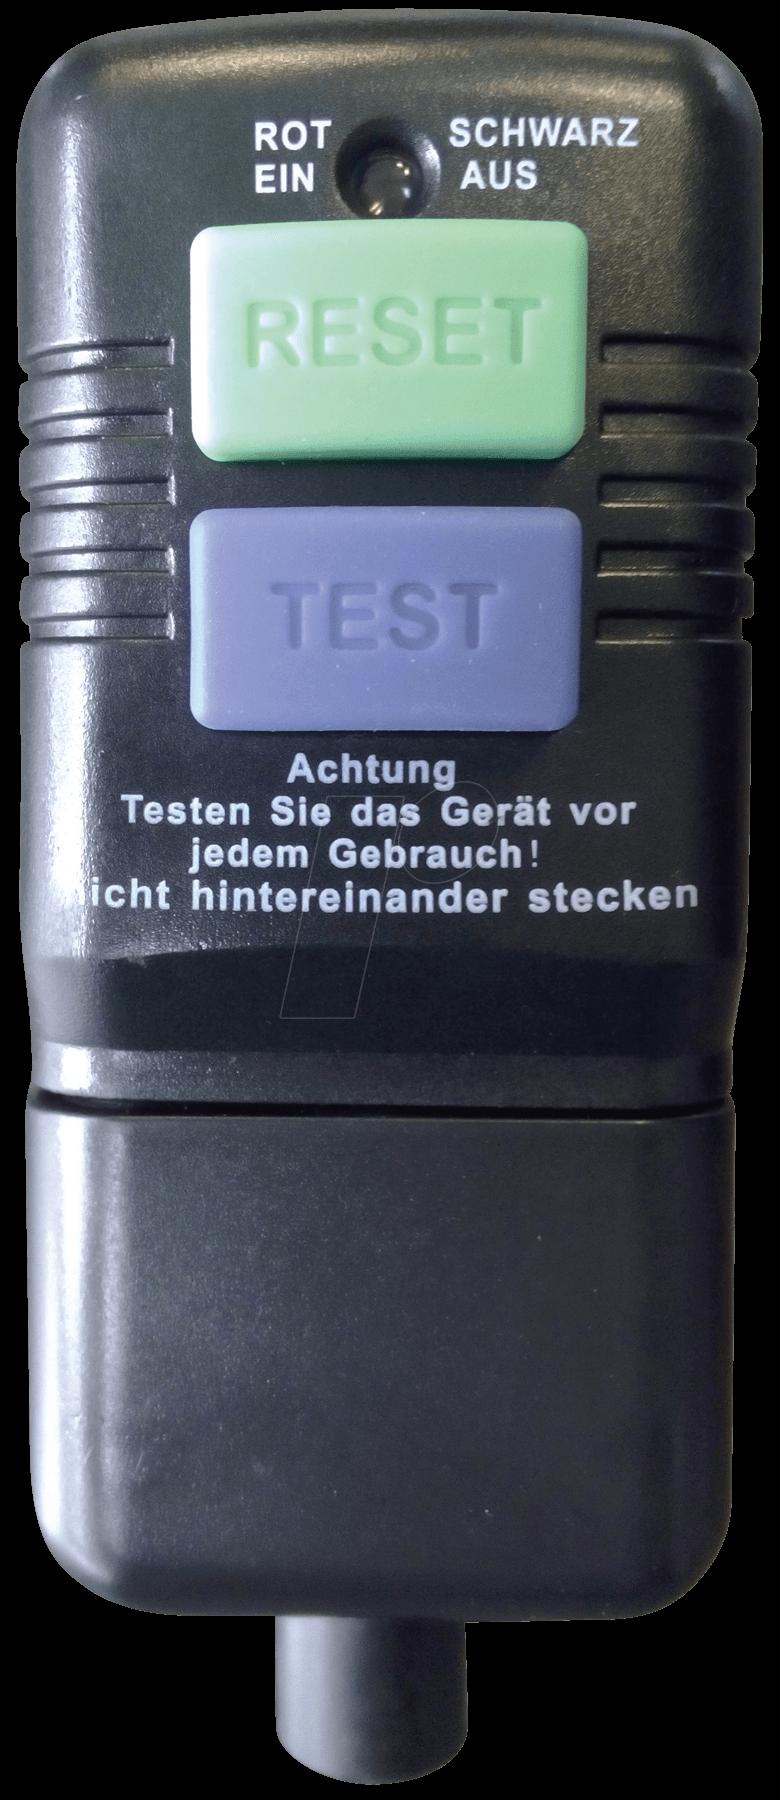 https://cdn-reichelt.de/bilder/web/xxl_ws/D710/ELPSST.png